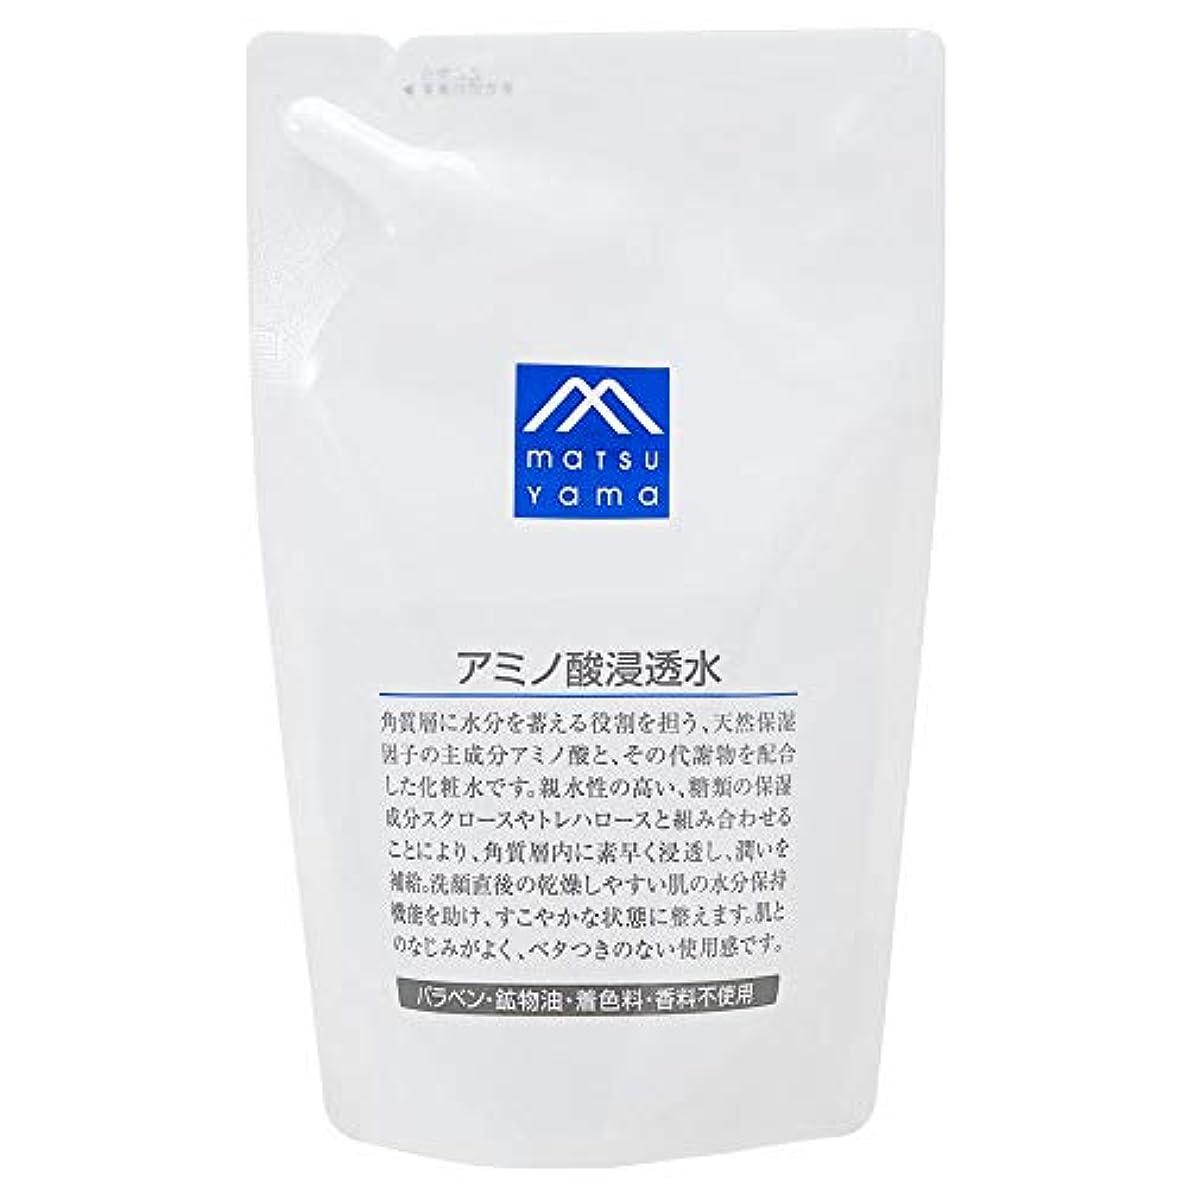 ハング発行種類Mマーク(M-mark) アミノ酸浸透水 詰替用 化粧水 190mL